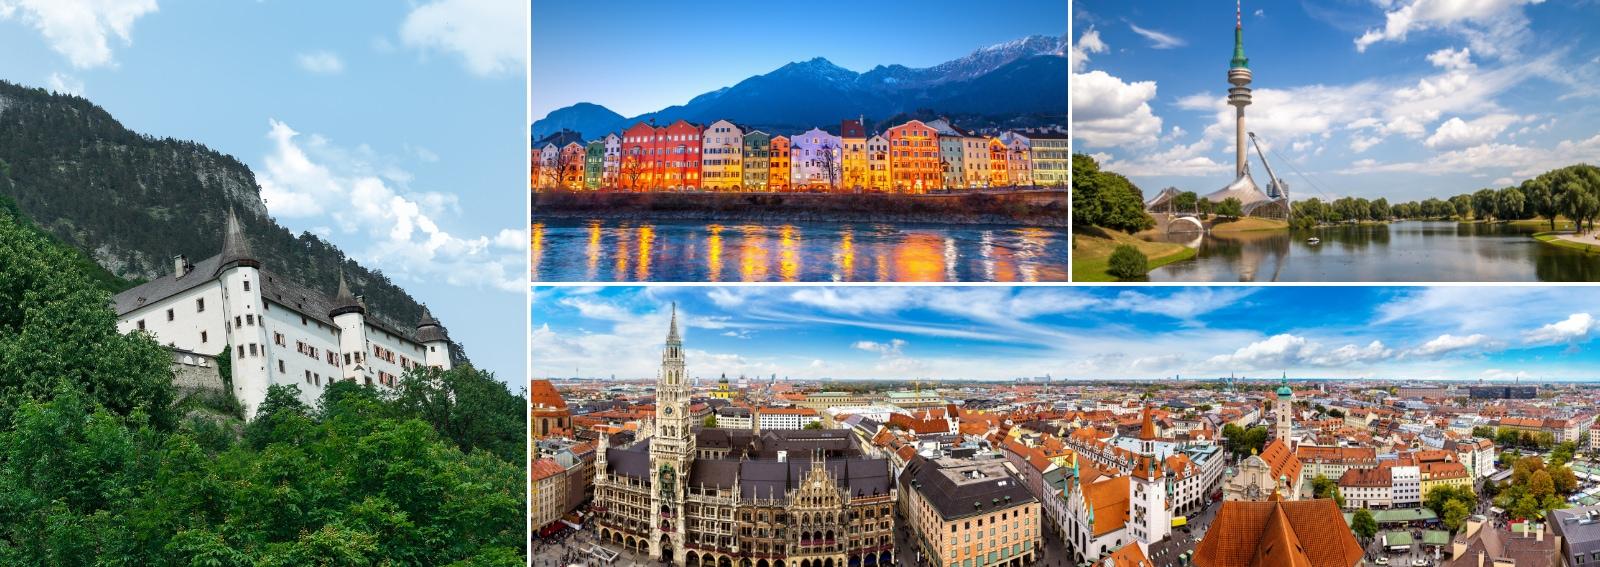 Innsbruck Monaco Jenbach Il viaggio che hai dentro DB BAHN ITALIA Ferrovie tedesche e Ferrovie austriache DESK